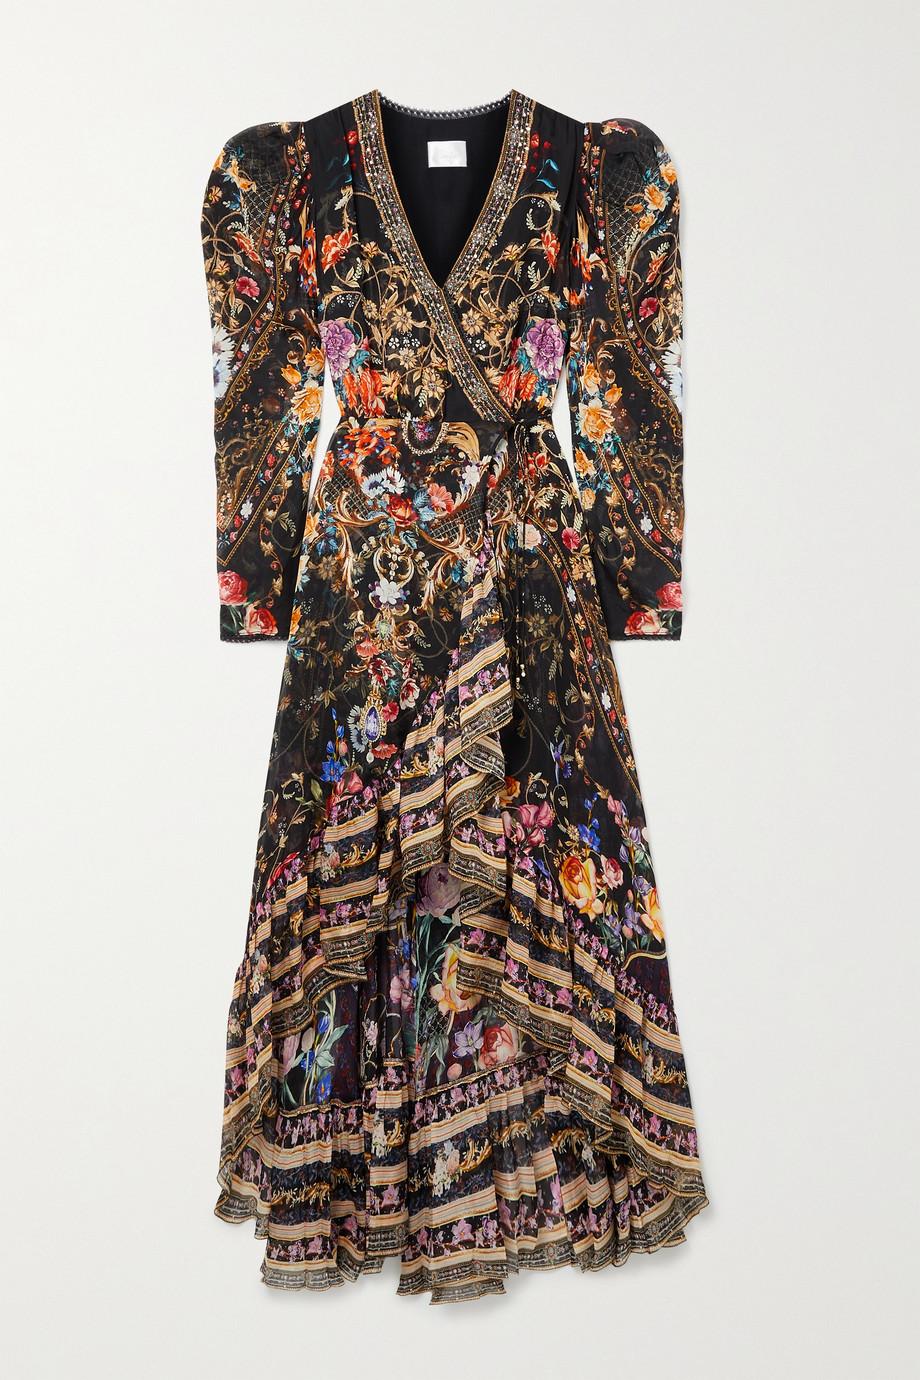 Camilla Crystal-embellished printed silk-chiffon wrap dress